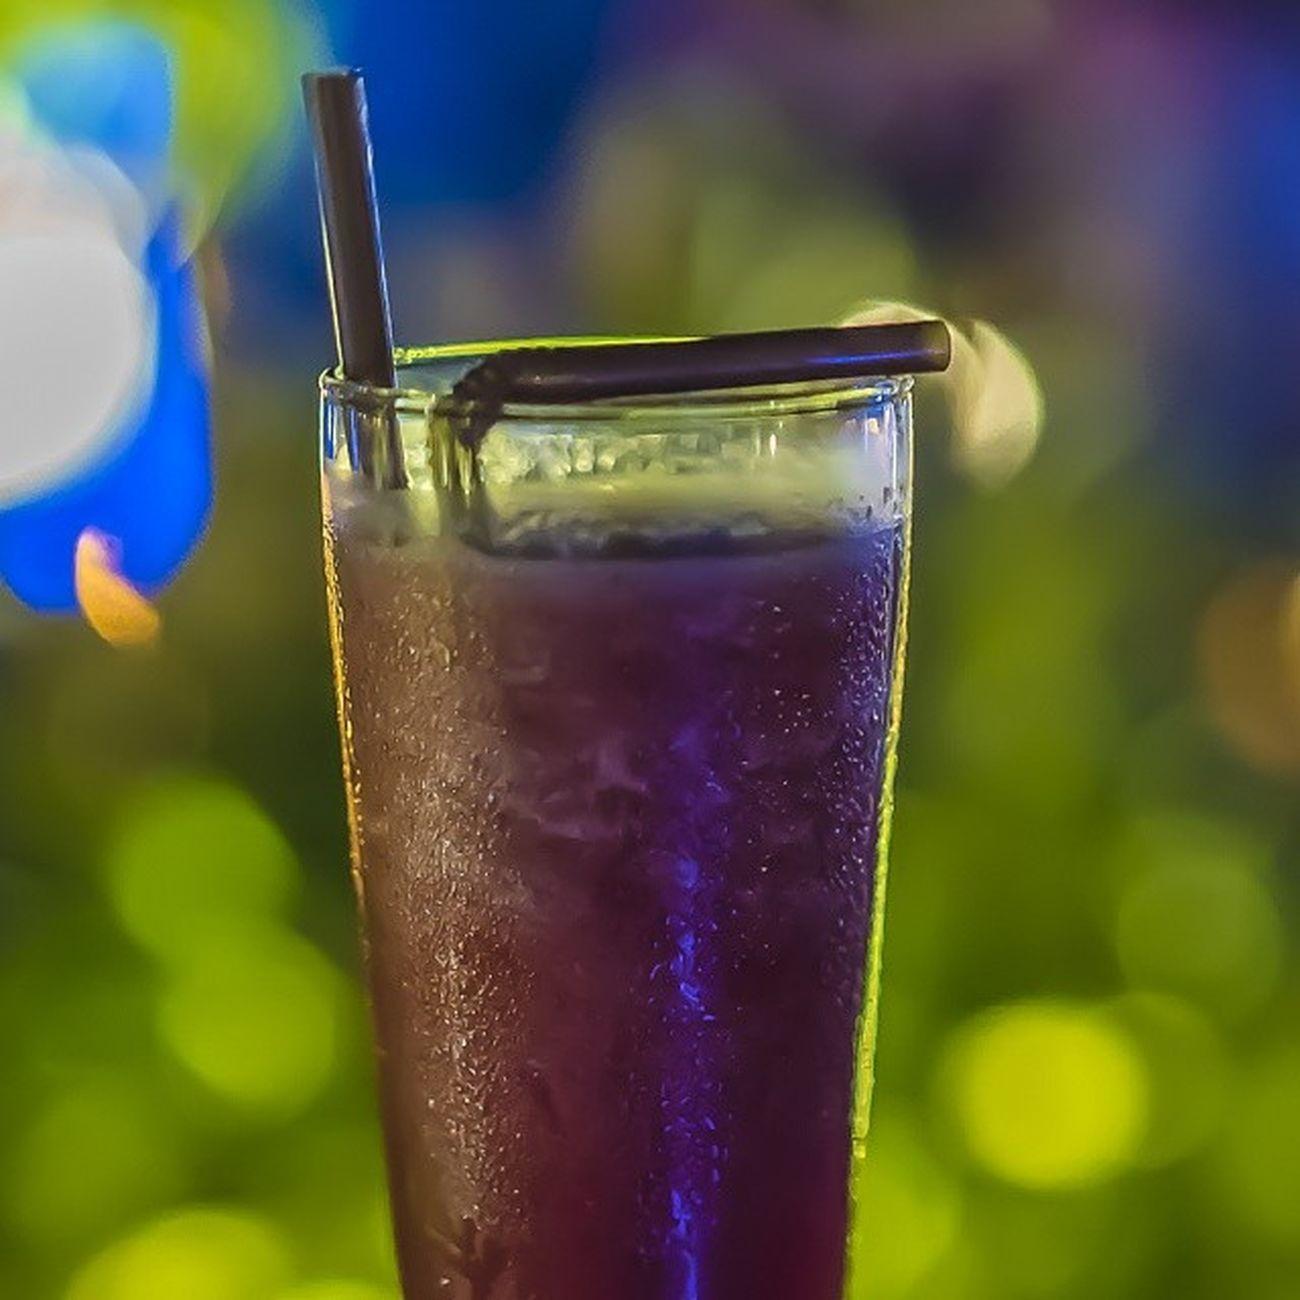 Water melon juice Phnom Penh Phnompenh. Somewhere In Phnom Penh Phnom Cambodian Cambodia Tour Phnom Pehn Mekong River Tonlesap River Mekong In Cambodia Only In Cambodia Cambodge Cambodia Kampuchea Phnompenh Cocktails Cocktail Cocktails🍹 Bar Cocktail Bar